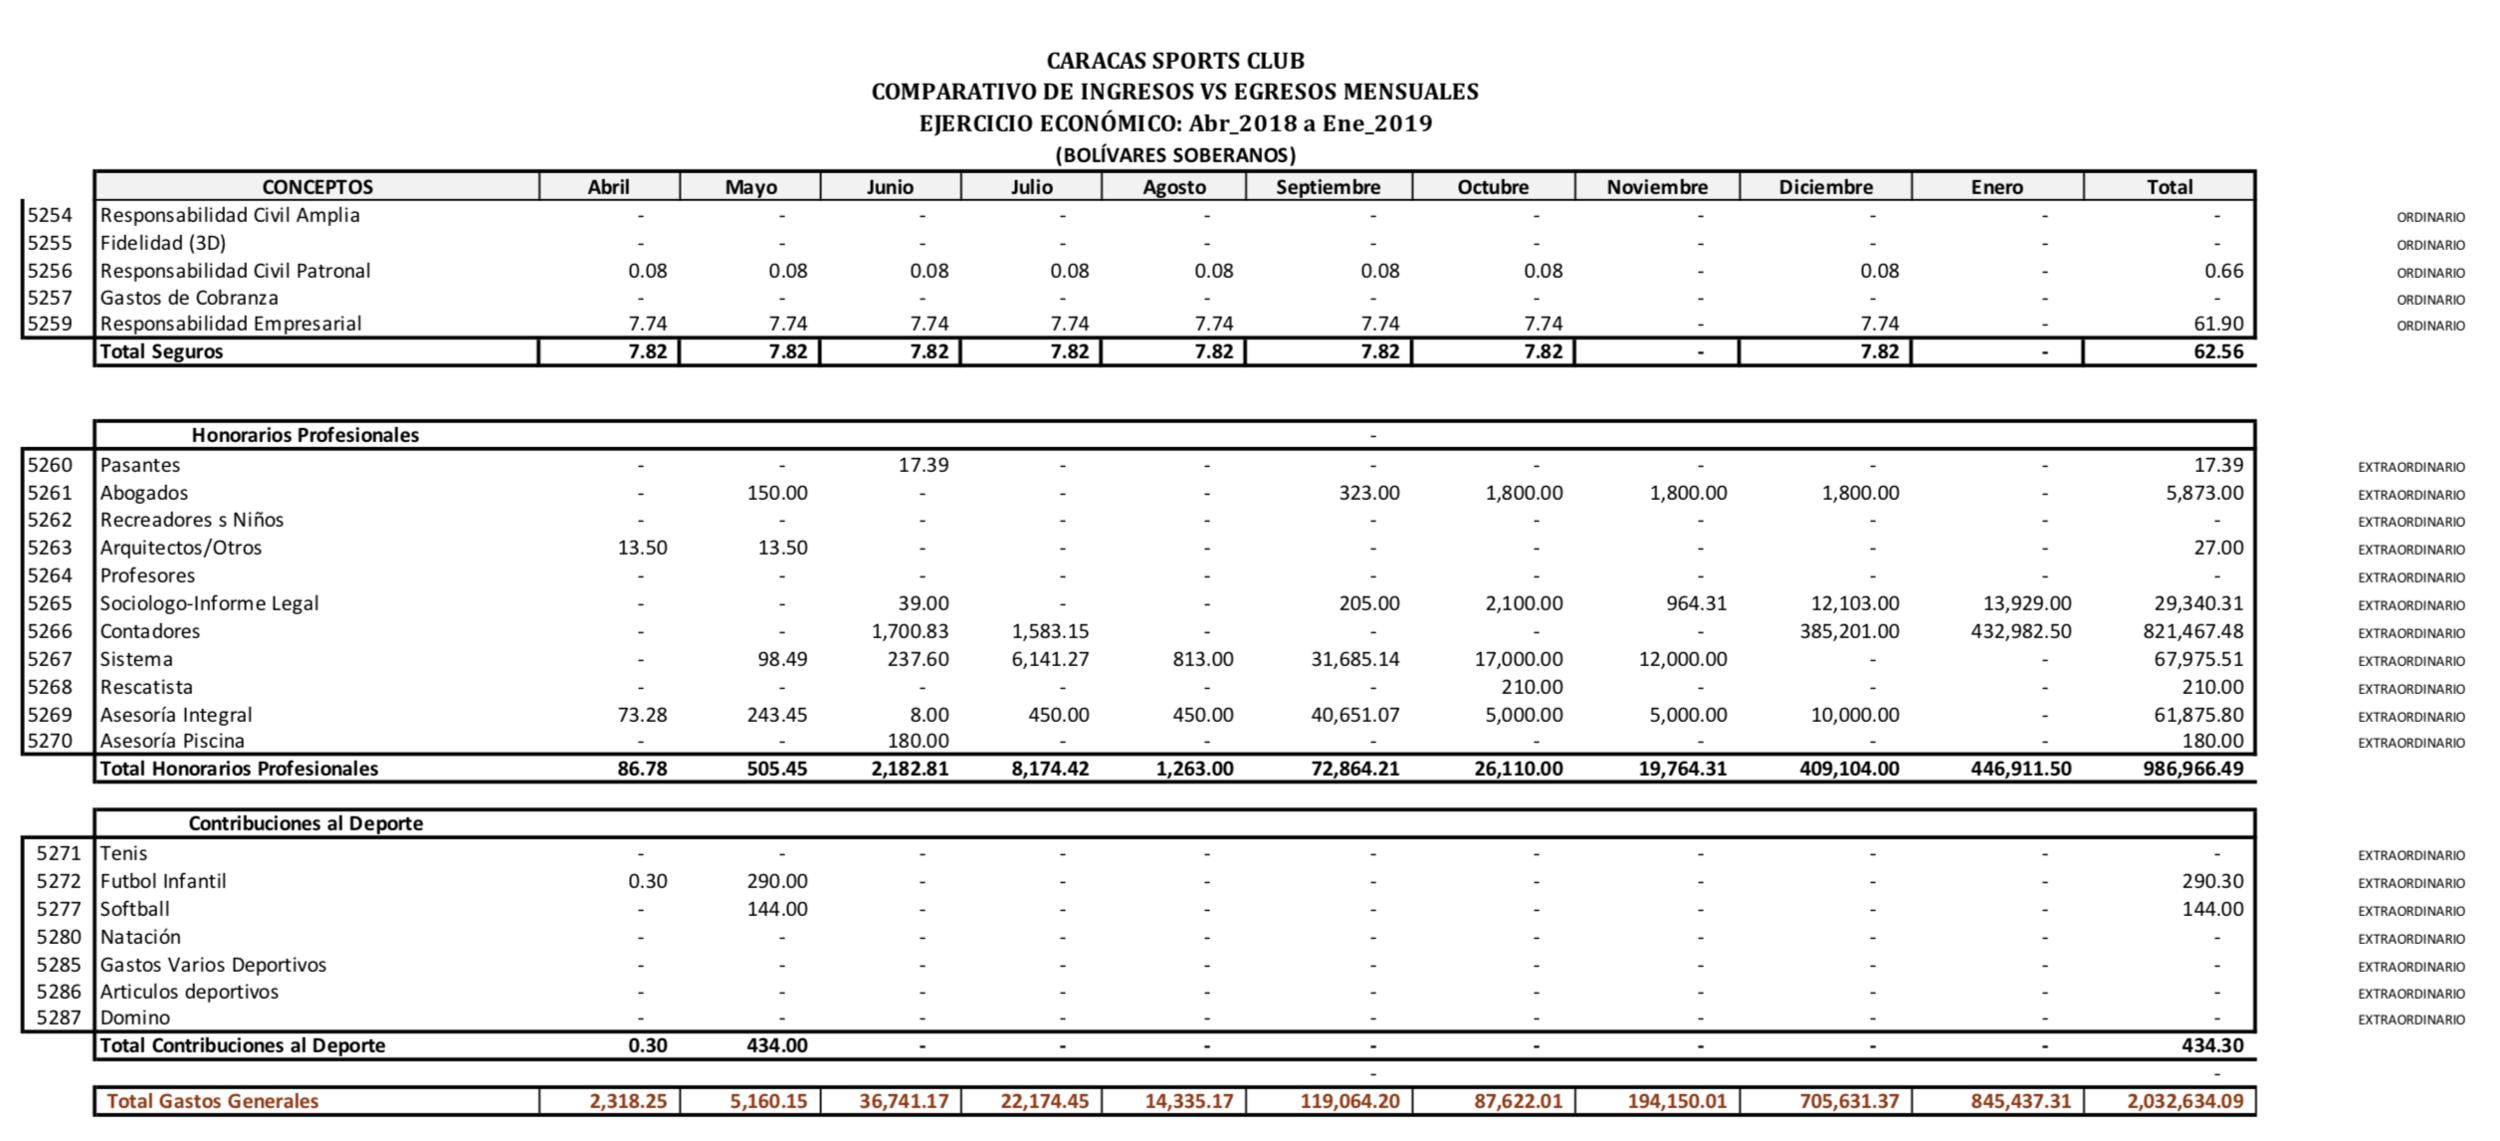 Información Financiera Abr/2018_Ene/2019 - Resumen Egresos